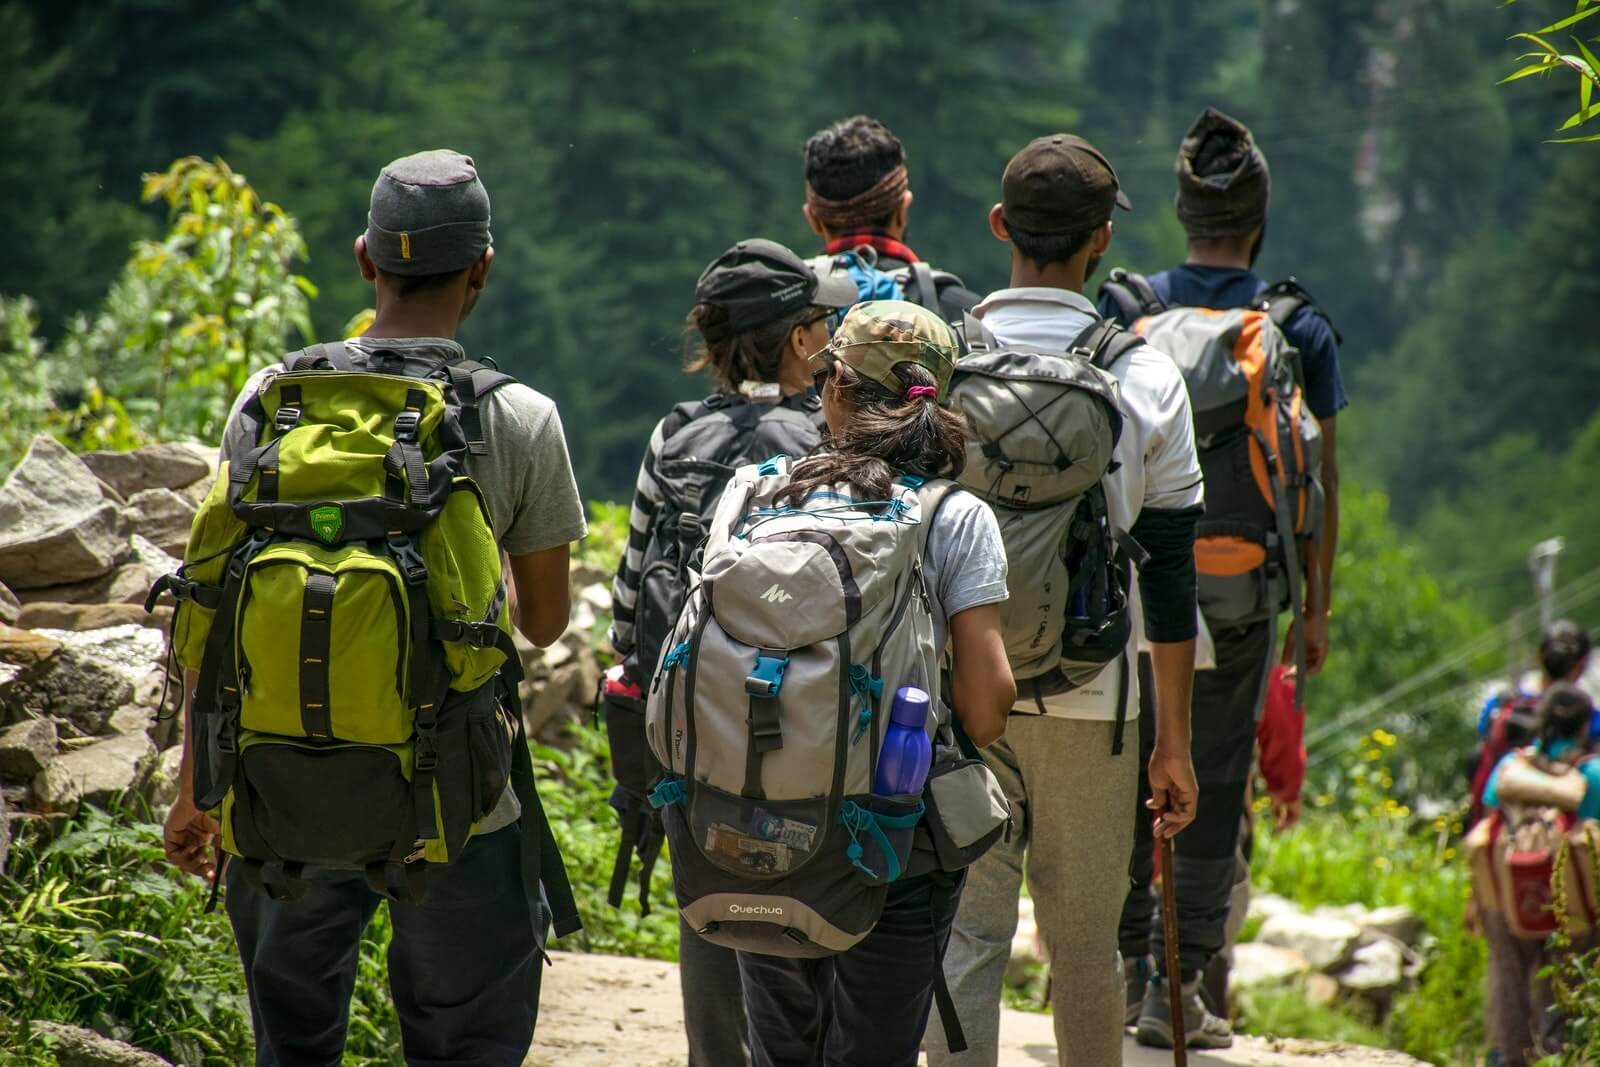 Randonnée en équipe pour découvrir la Haute-Savoie